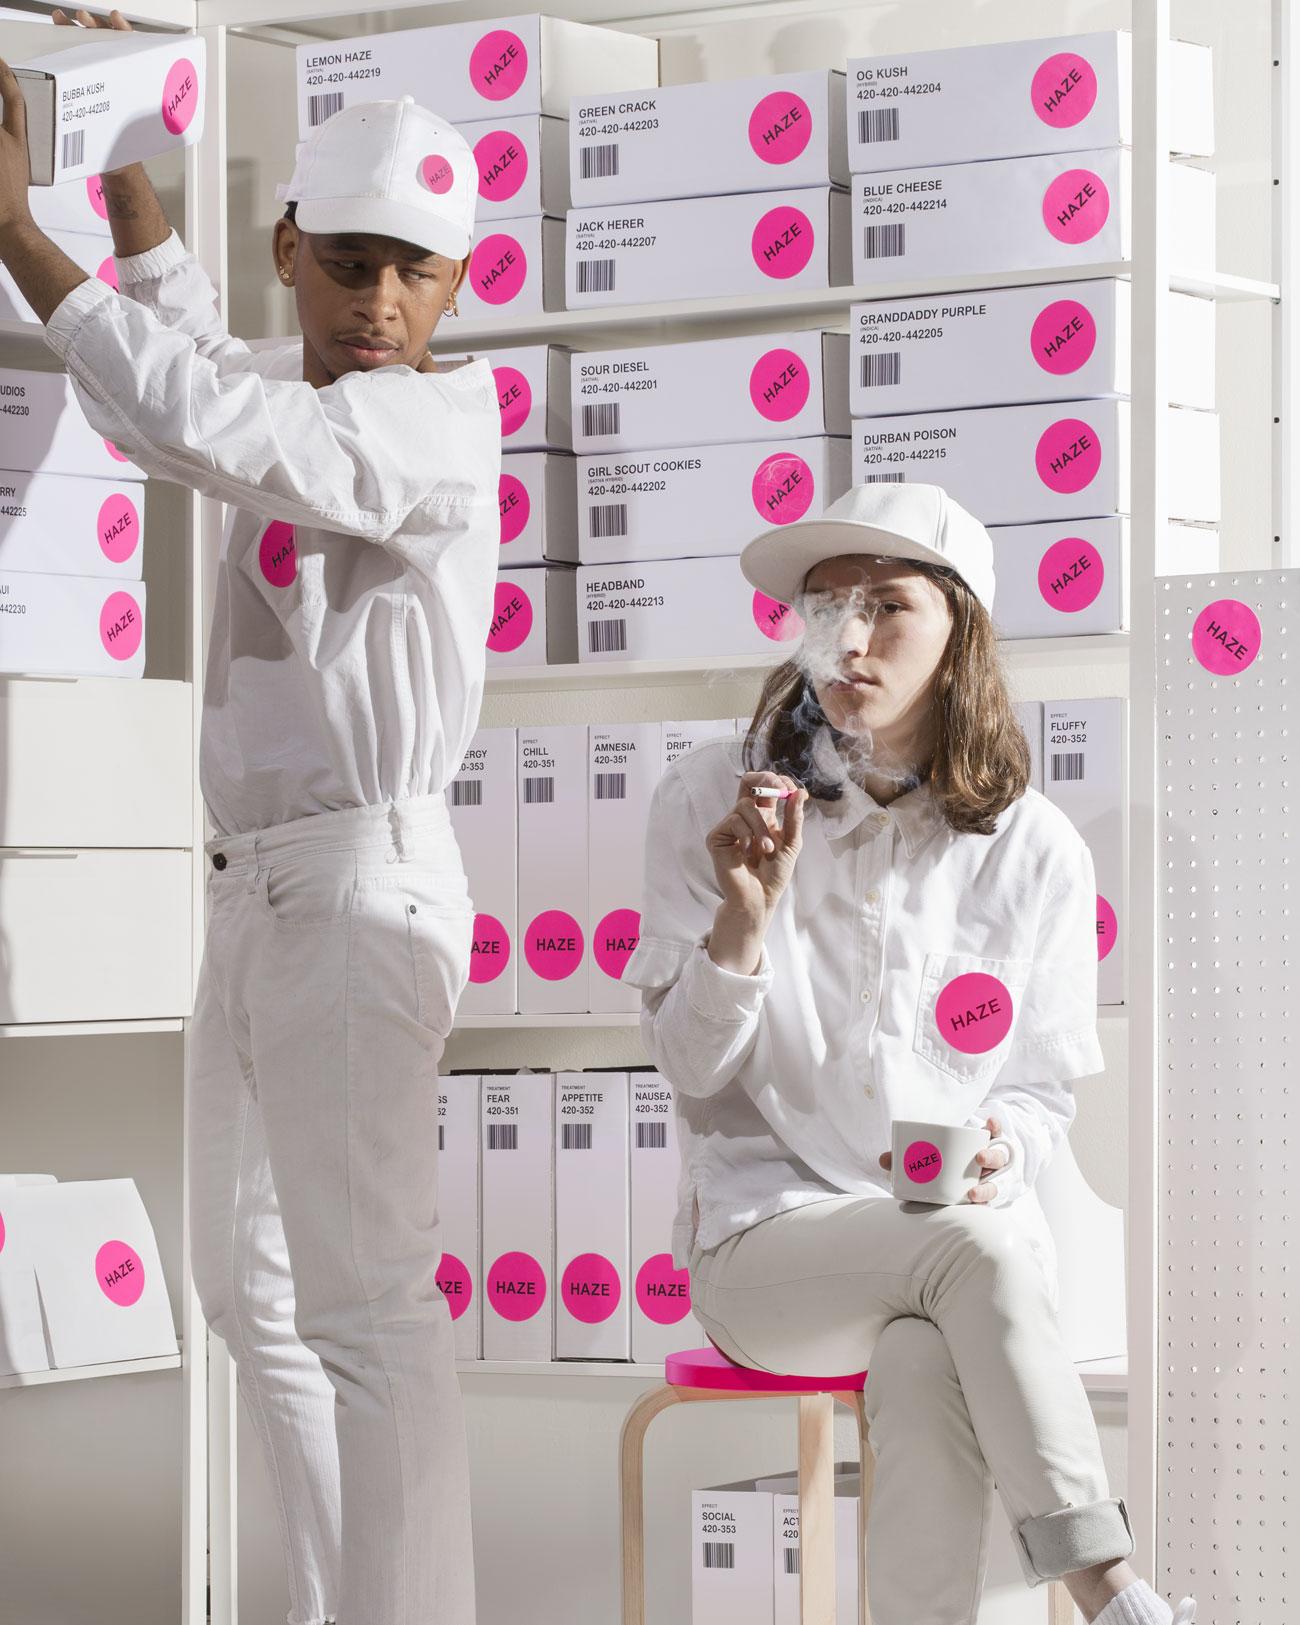 Der von Wax Studios aus Brooklyn (http://wax-studios.com) für das Designmagazin »Surface« (www.surfacemag.com/articles/high-designs) entwickelte fiktive Weed-Brand Haze soll schon bald Multimillionen Dollar schwer sein und Amazon und Starbucks übernehmen